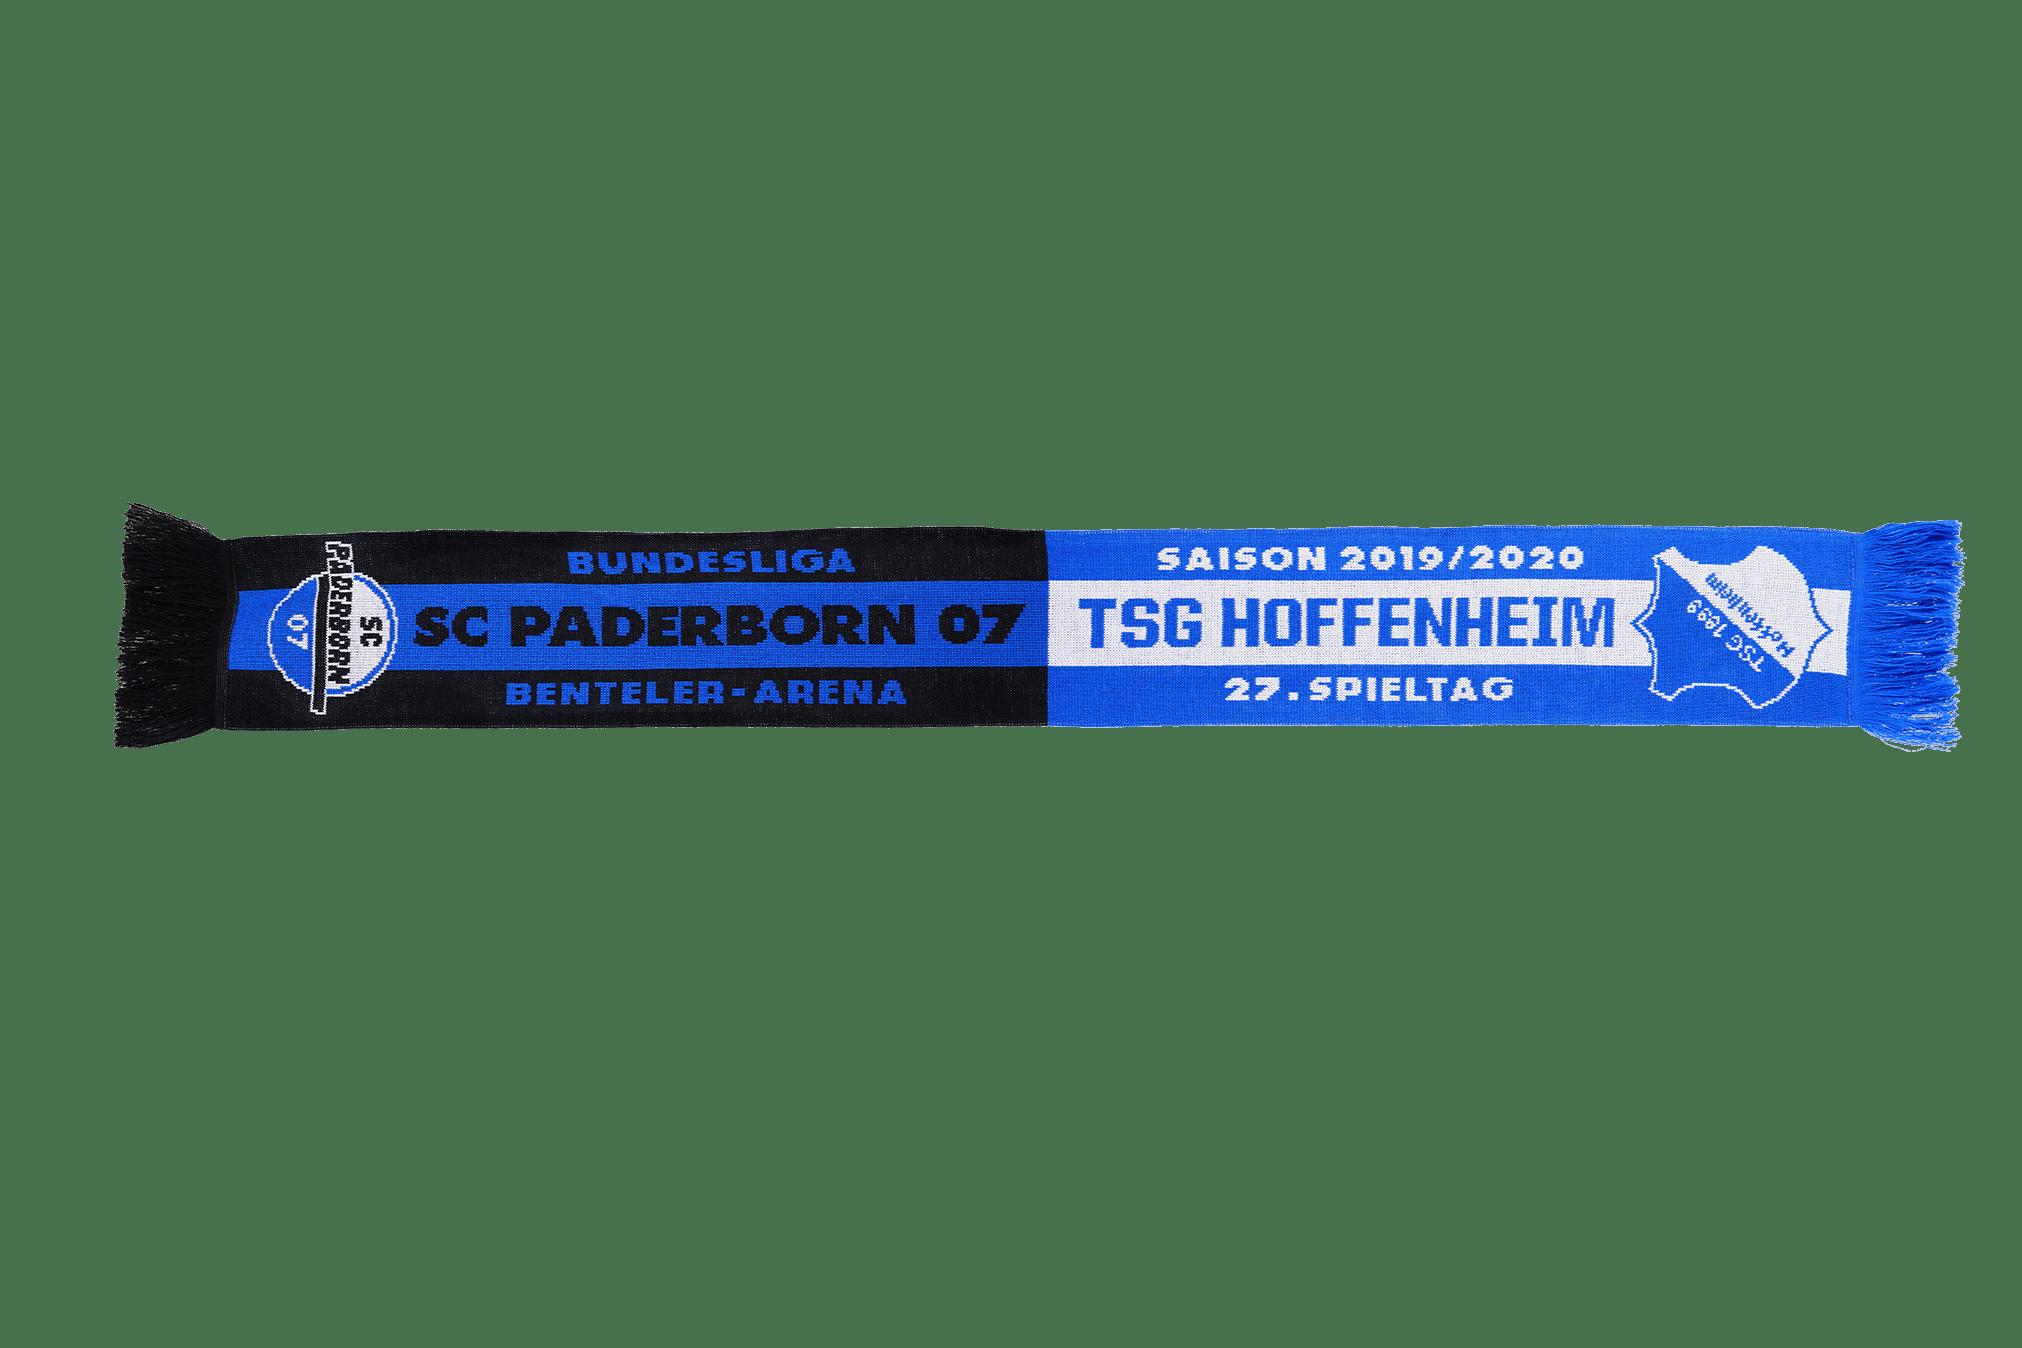 Spieltagsschal TSG 19/20